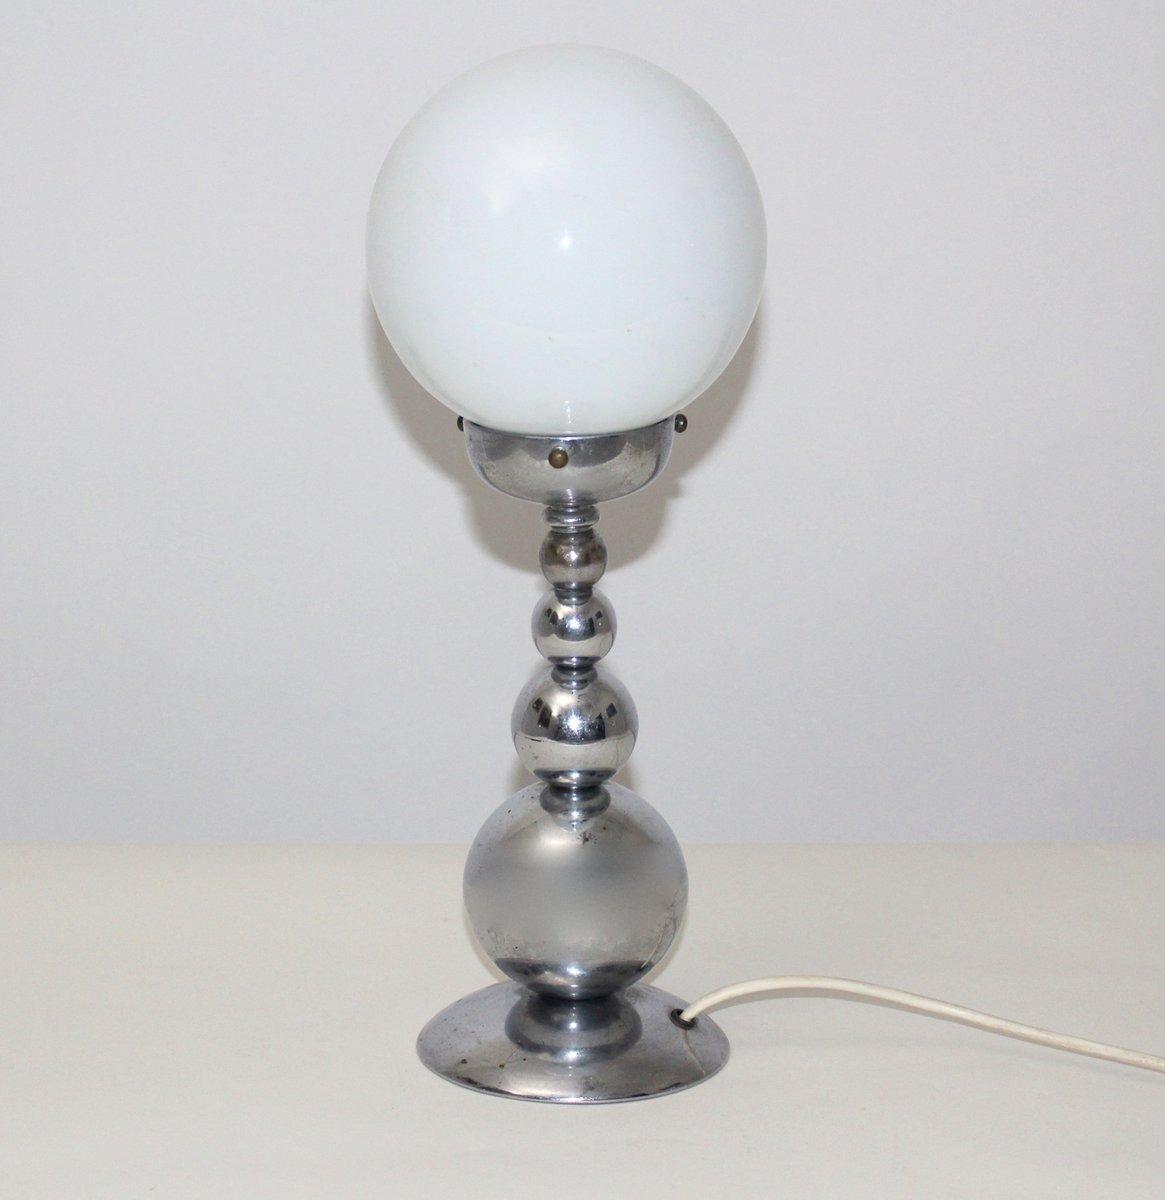 franz sische tischlampe mit wei em runden schirm 1950er bei pamono kaufen. Black Bedroom Furniture Sets. Home Design Ideas